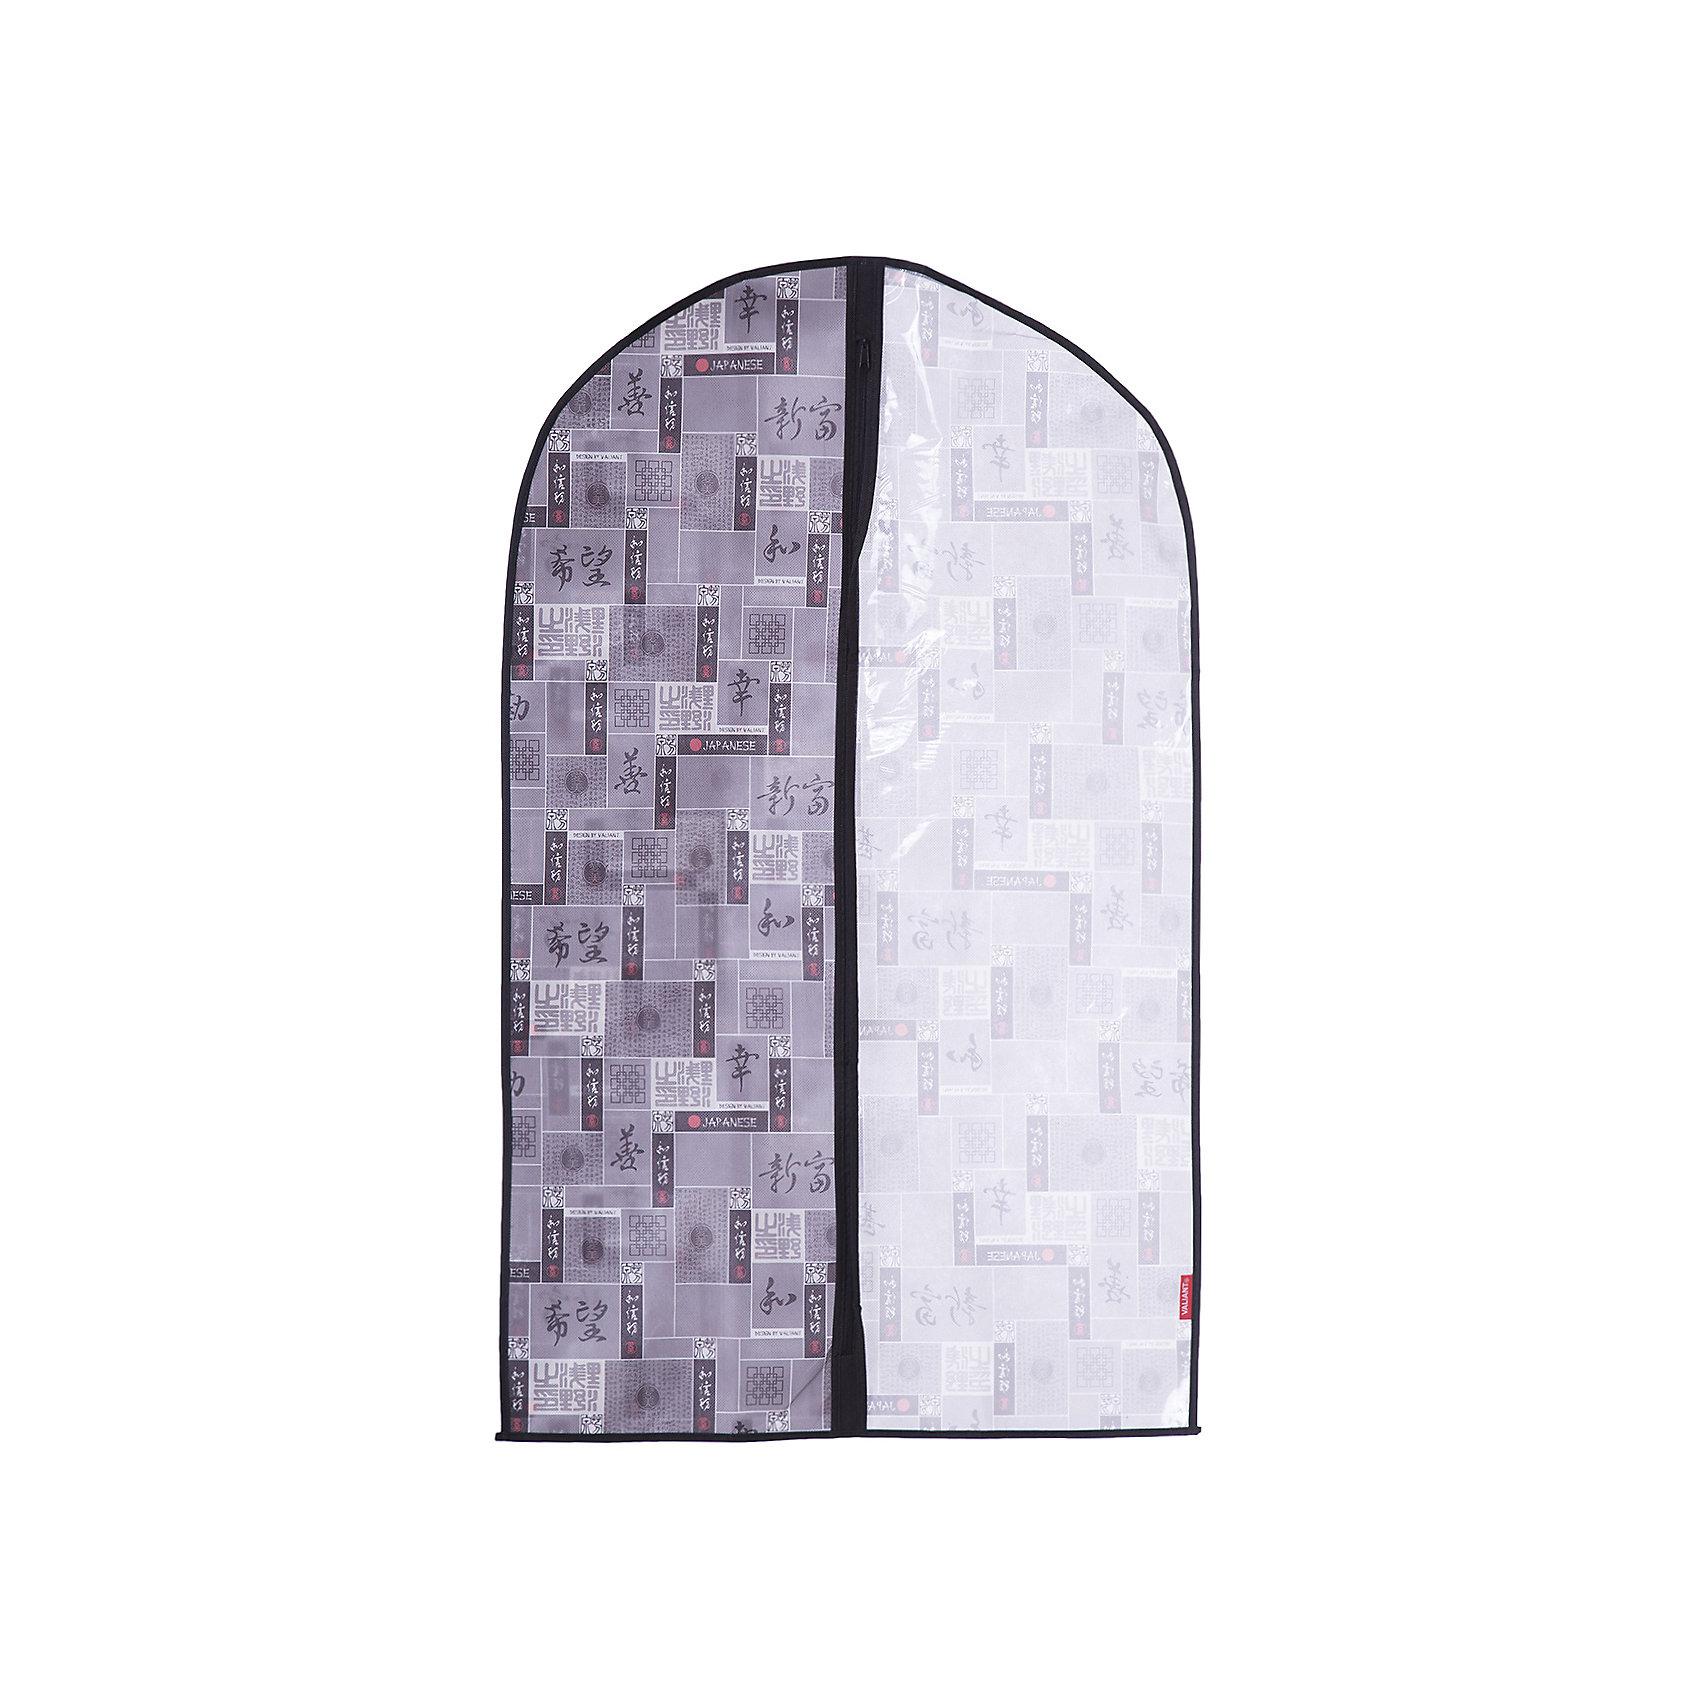 Чехол для одежды, малый, 60*100*10 см, JAPANESE BLACK, ValiantОрганайзеры для одежды<br>Чехол для одежды, малый, 60*100*10 см, JAPANESE BLACK, Valiant (Валиант) – это эстетичное решение для хранения одежды.<br>Чехол для одежды JAPANESE BLACK от Valiant (Валиант) разработан специально для хранения короткой верхней одежды: шуб, дубленок, пуховиков, пальто, плащей, костюмов и платьев. Он изготовлен из высококачественного нетканого материала, который обеспечивает естественную вентиляцию, позволяя воздуху проникать внутрь, но не пропускает пыль. Чехол очень удобен в использовании. Прозрачная вставка позволит увидеть вещь в чехле, не расстегивая его. Чехол легко открывается и закрывается застежкой-молнией. Идеально подойдет для хранения одежды и удобной перевозки. Чехол JAPANESE BLACK от Valiant (Валиант) гармонично смотрится в гардеробе. Лаконичный и сдержанный дизайн, напоминающий характер самурая, разработан специально для тех, кто предпочитает строгие линии и неяркие практичные цвета. В принте использованы японские иероглифы богатство, удача, благодеяние, гармония, мир и согласие.<br><br>Дополнительная информация:<br><br>- Размер: 60х100х10 см.<br>- Материал: нетканый материал, ПВХ<br>- Цвет: серый, черный<br><br>Чехол для одежды, малый, 60*100*10 см, JAPANESE BLACK, Valiant (Валиант) можно купить в нашем интернет-магазине.<br><br>Ширина мм: 205<br>Глубина мм: 10<br>Высота мм: 430<br>Вес г: 189<br>Возраст от месяцев: 36<br>Возраст до месяцев: 1080<br>Пол: Унисекс<br>Возраст: Детский<br>SKU: 4993438